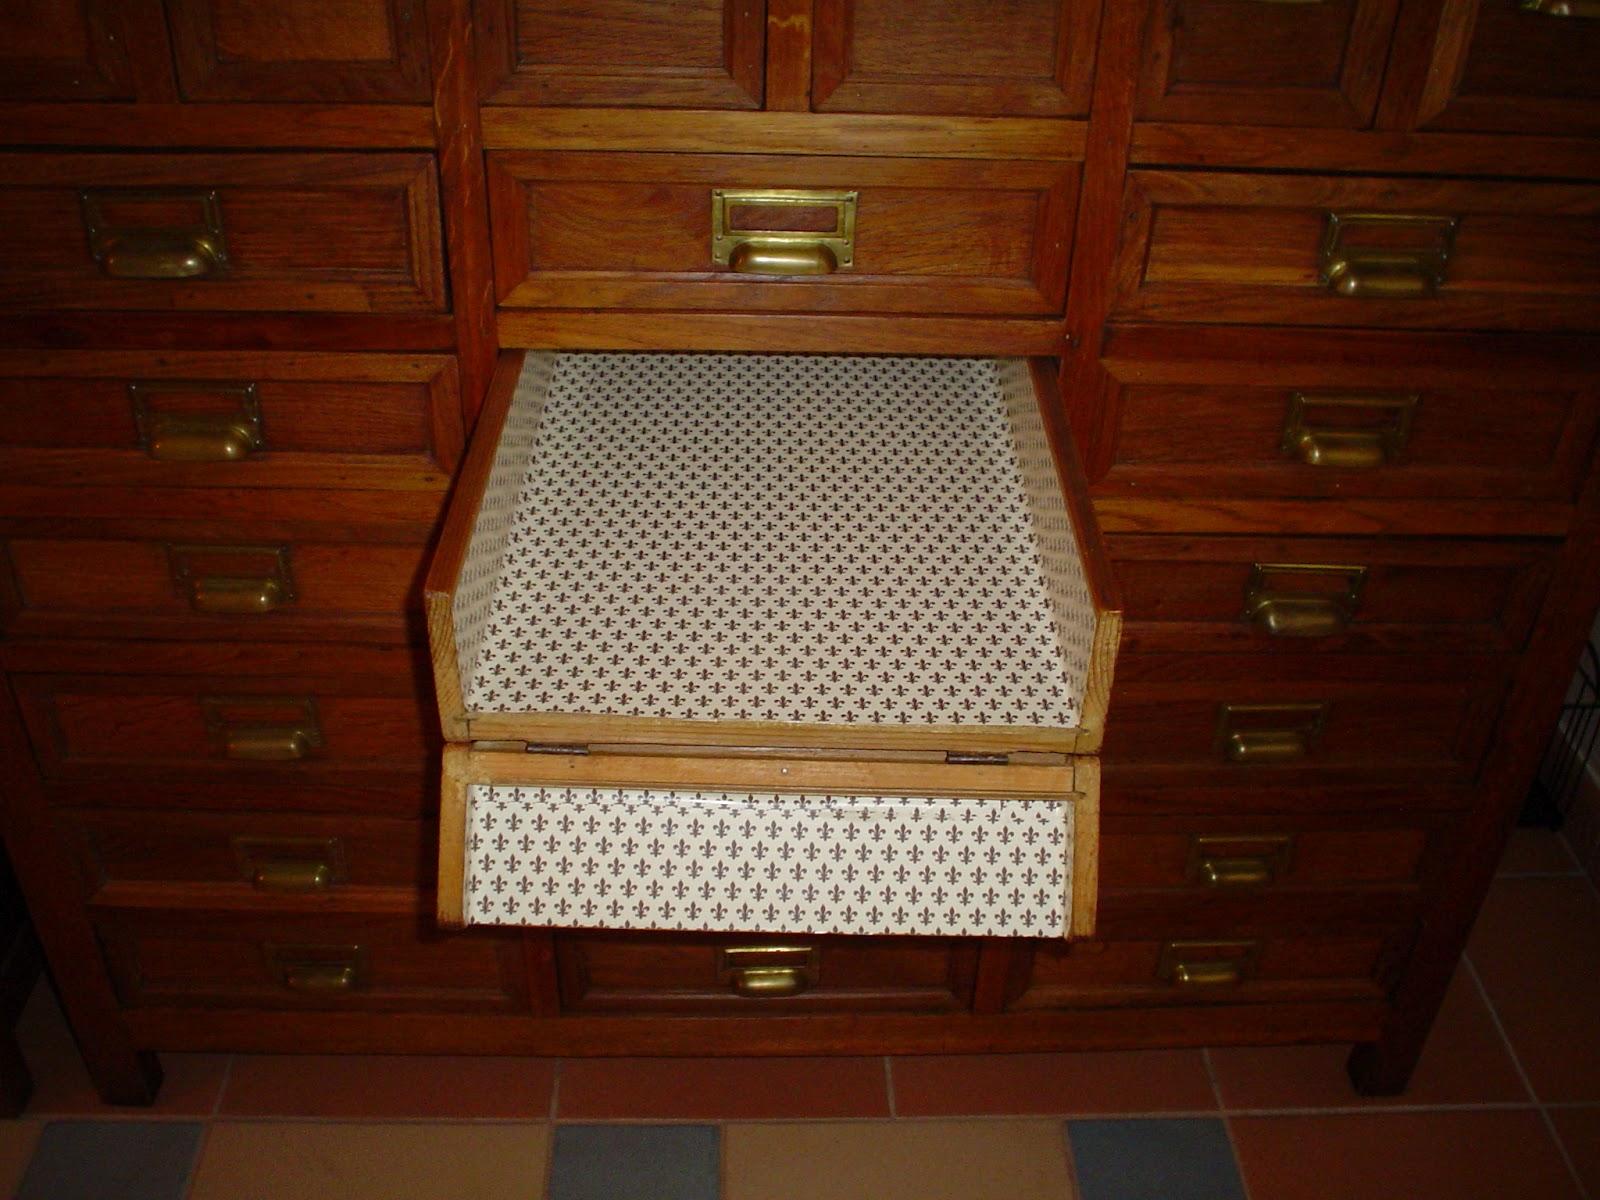 Il mercatino di casa tiraboschi 2 eleganti mobili for Mobili 2000 avellino